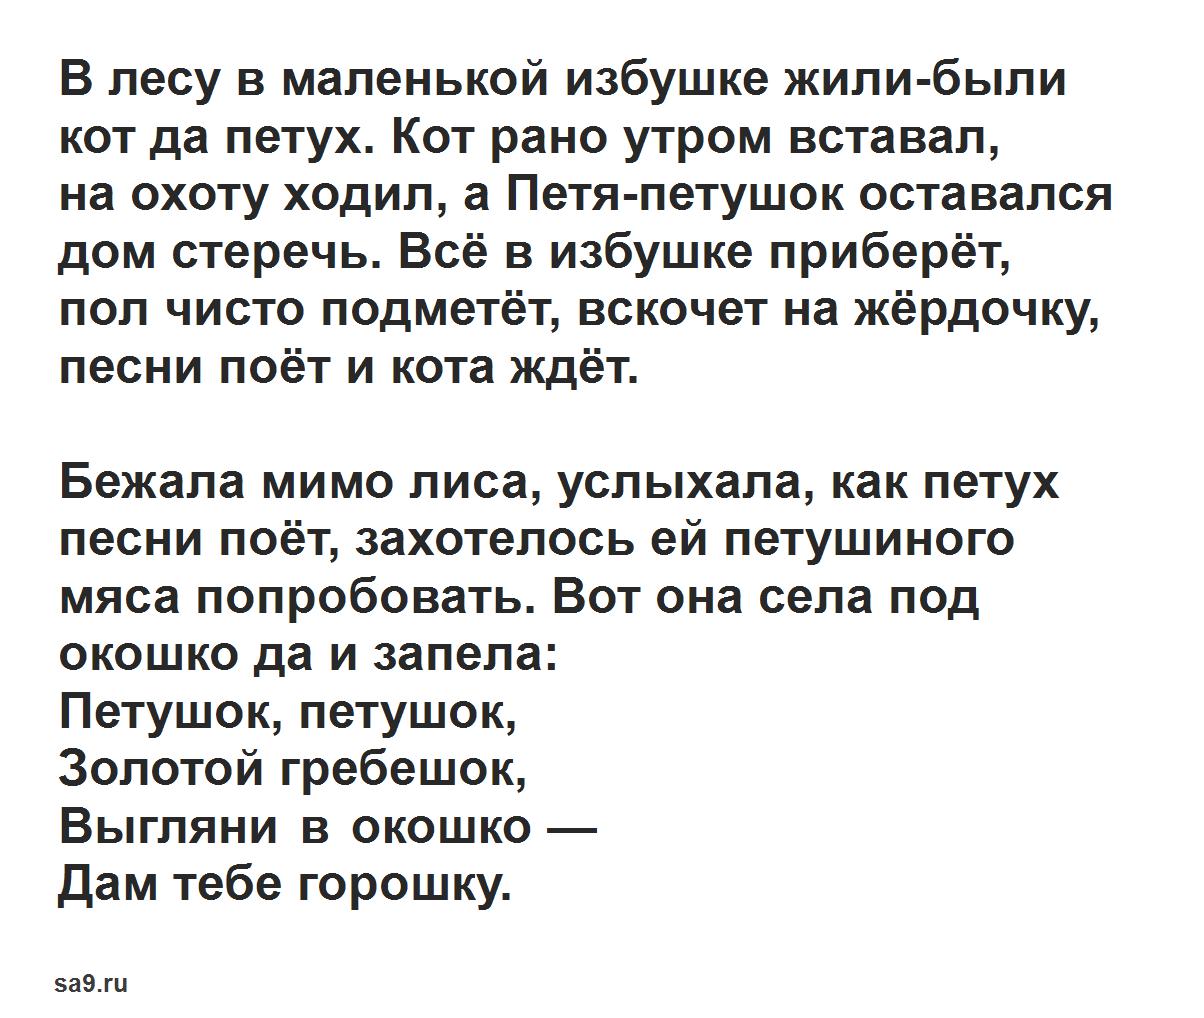 Кот, петух и лиса - русская народная сказка